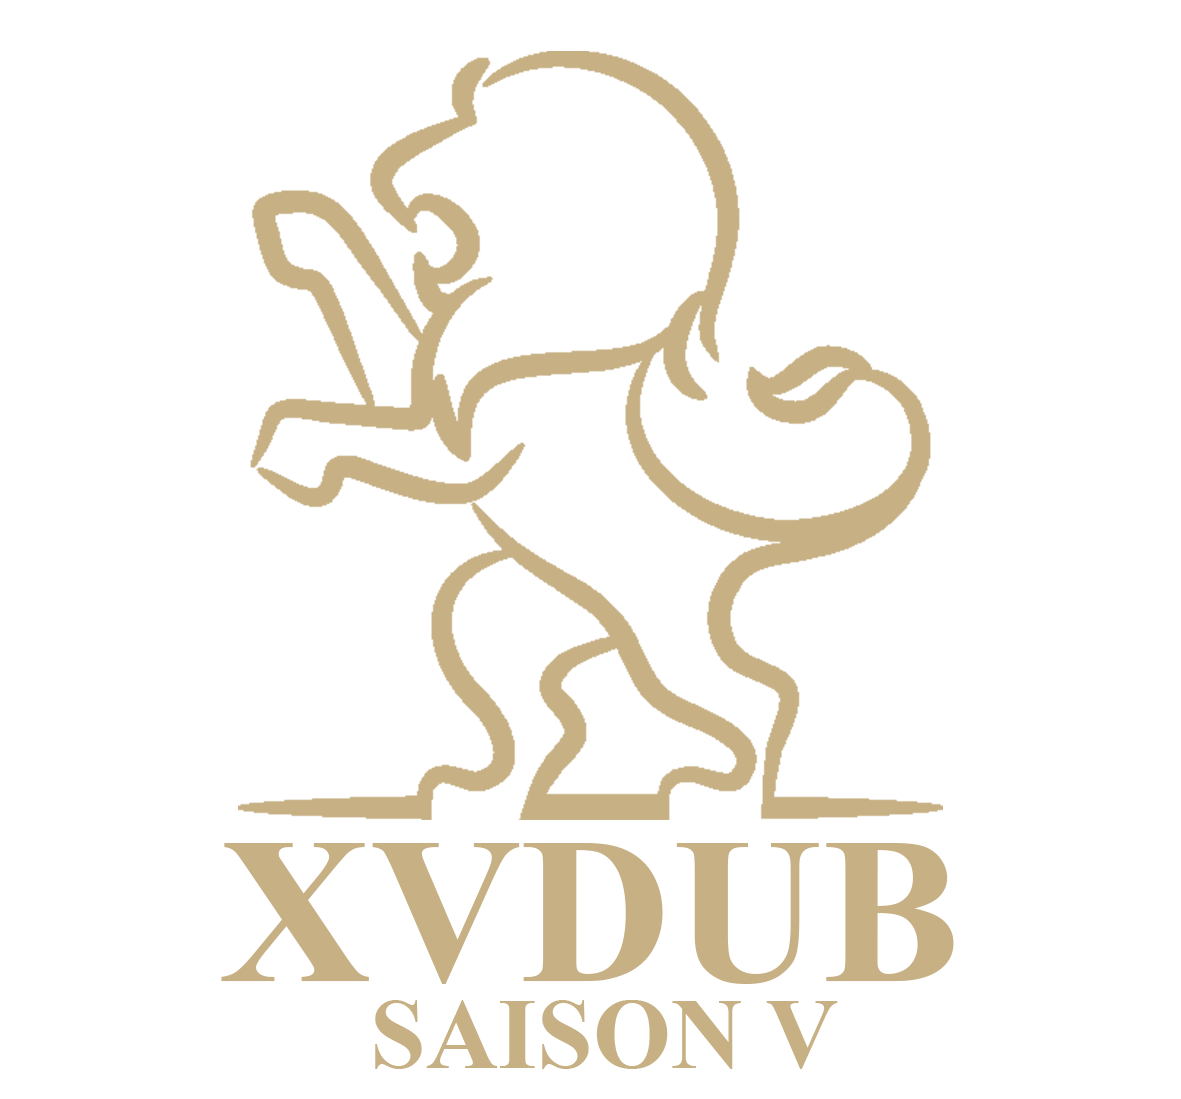 XVDUB_Logo_SAISON5 copie